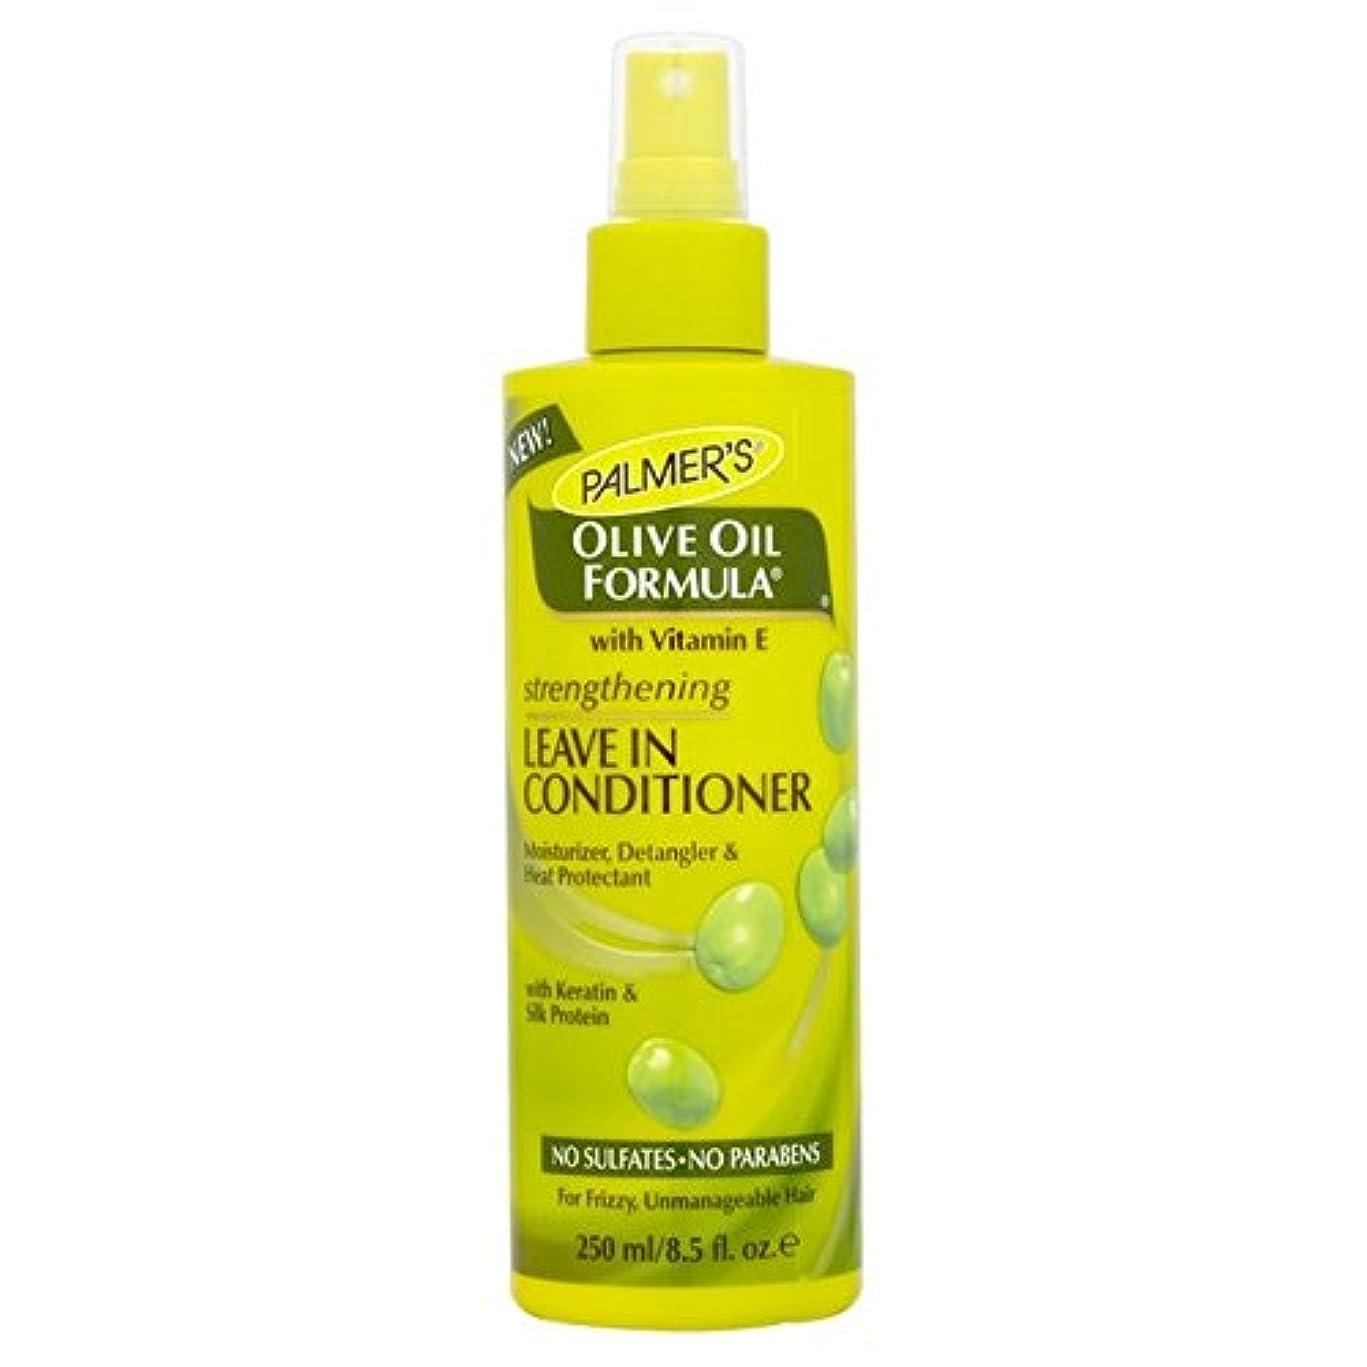 哀スタンドゼリーリーブインコンディショナー250を強化パーマーのオリーブオイル式 x4 - Palmer's Olive Oil Formula Strengthening Leave-in Conditioner 250ml (Pack...